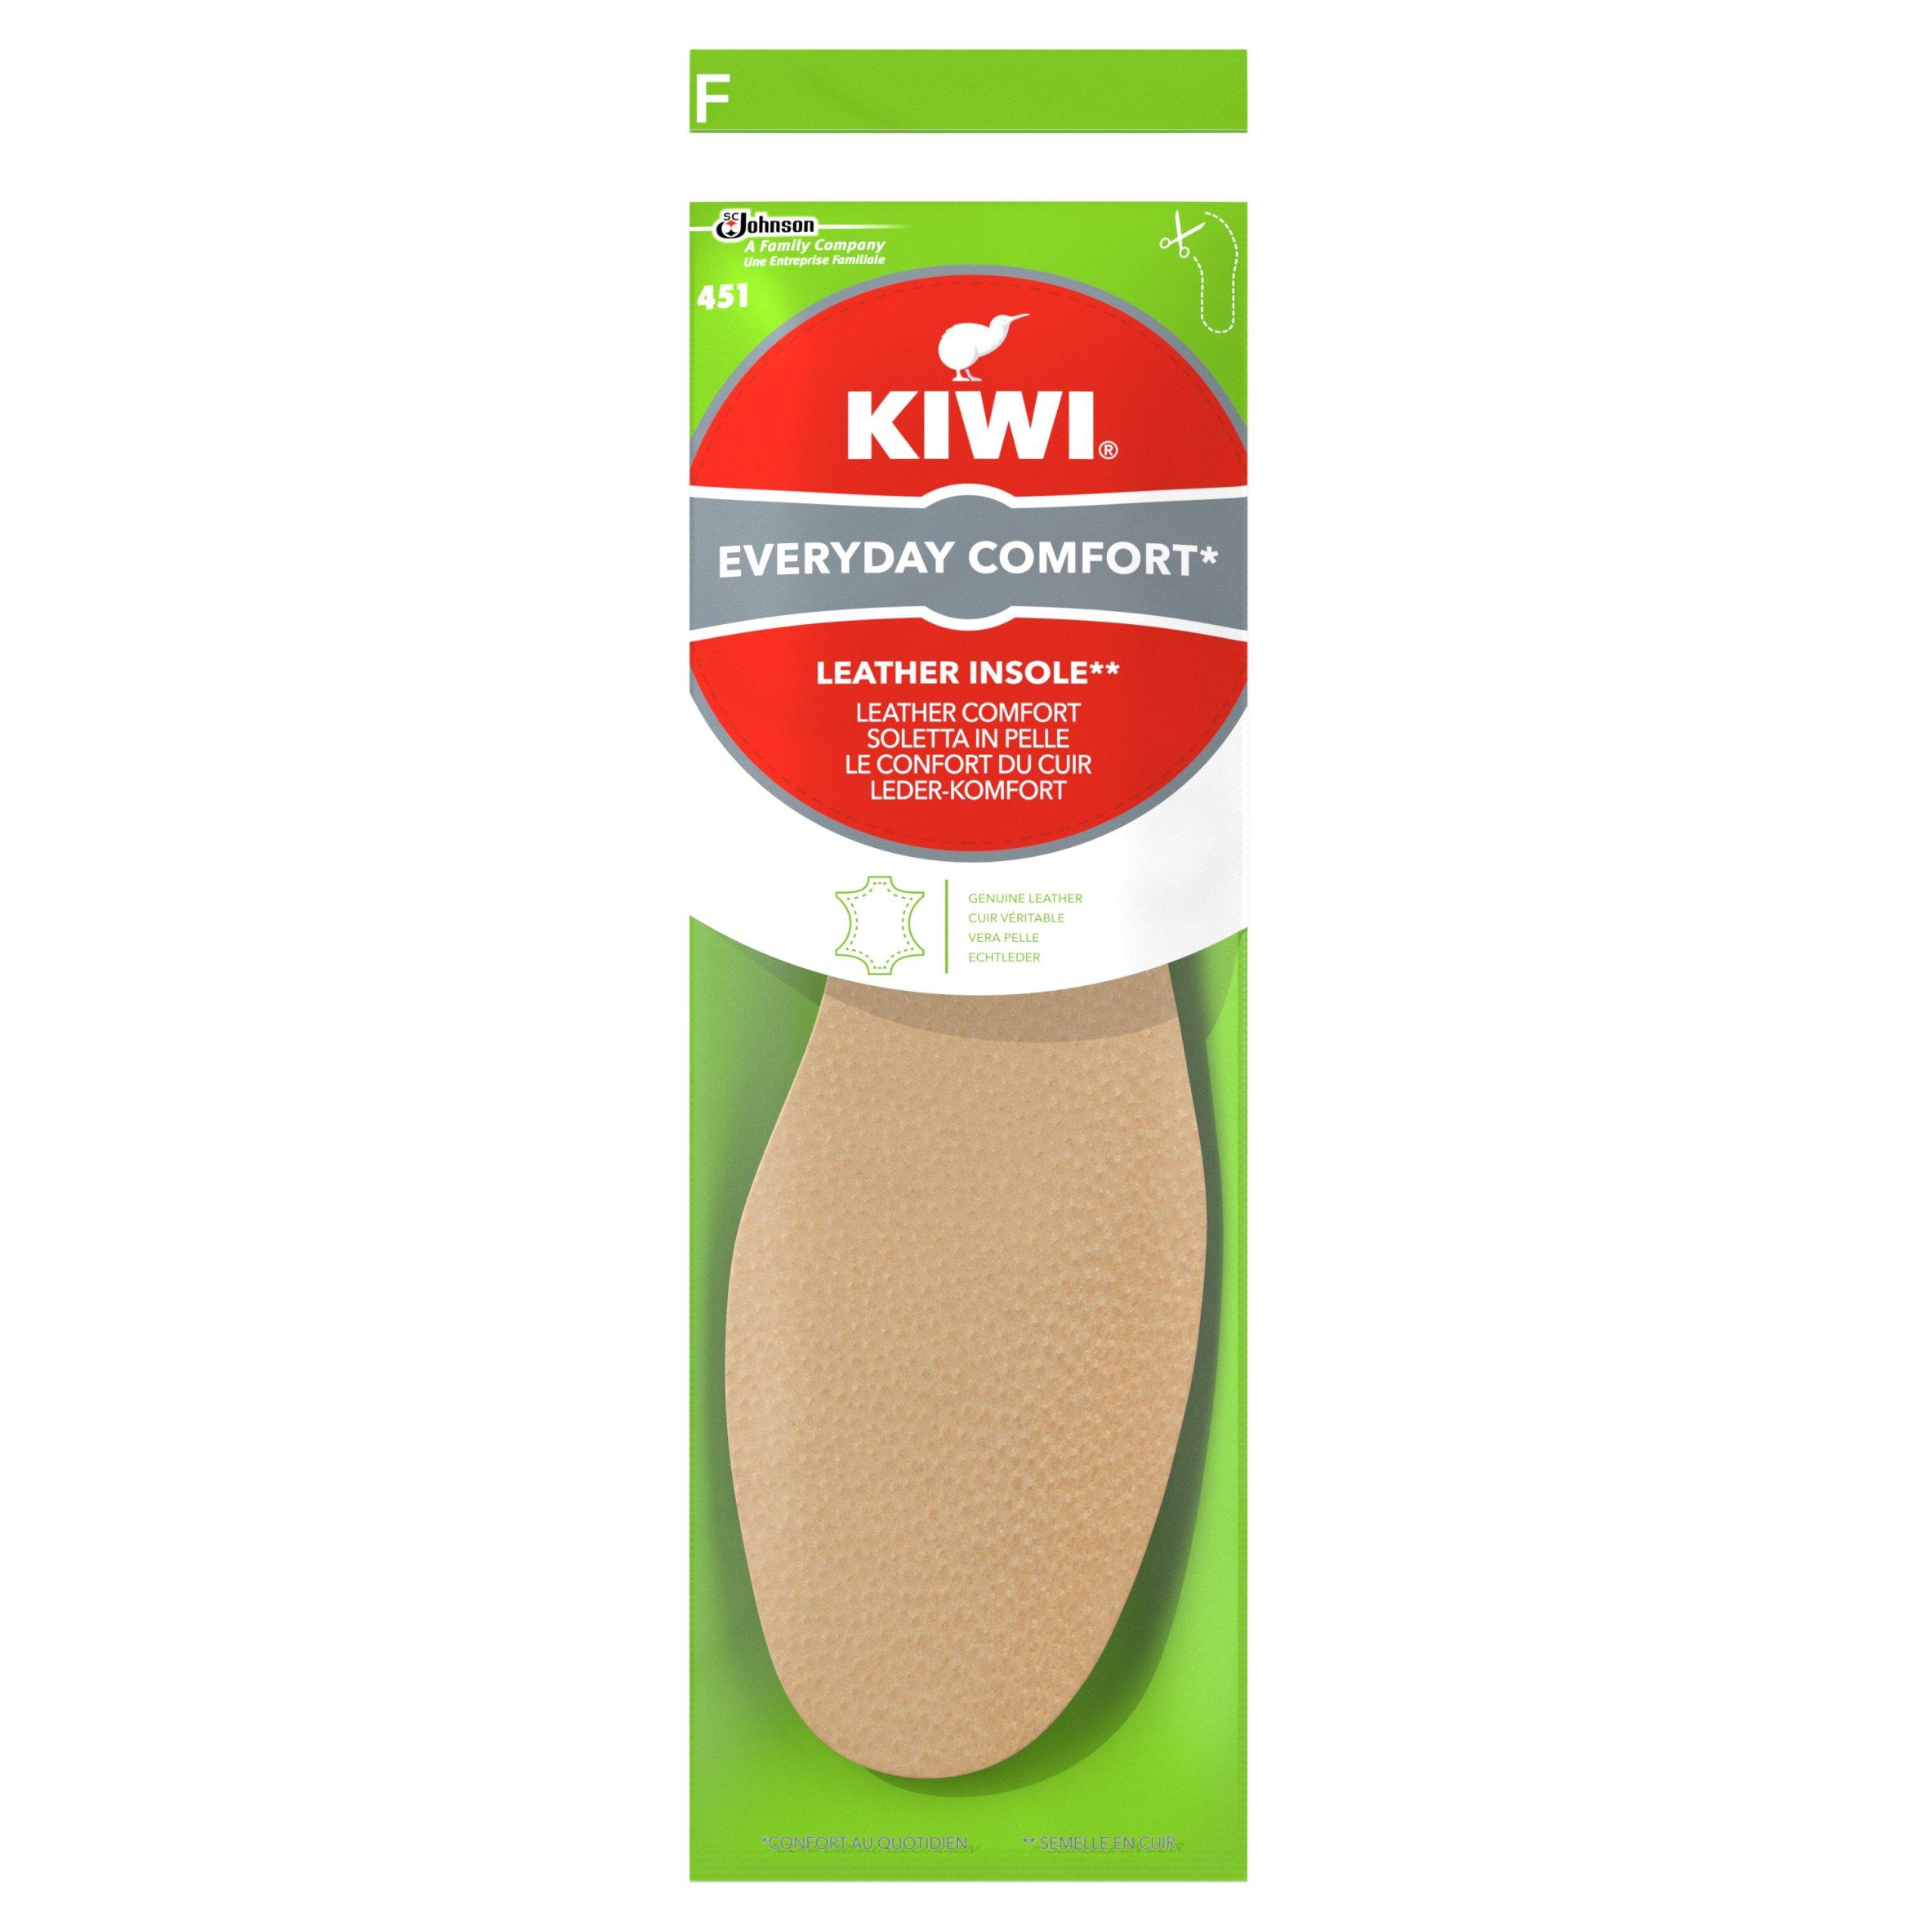 Kiwi Leather Insoles 1Pair - Tesco